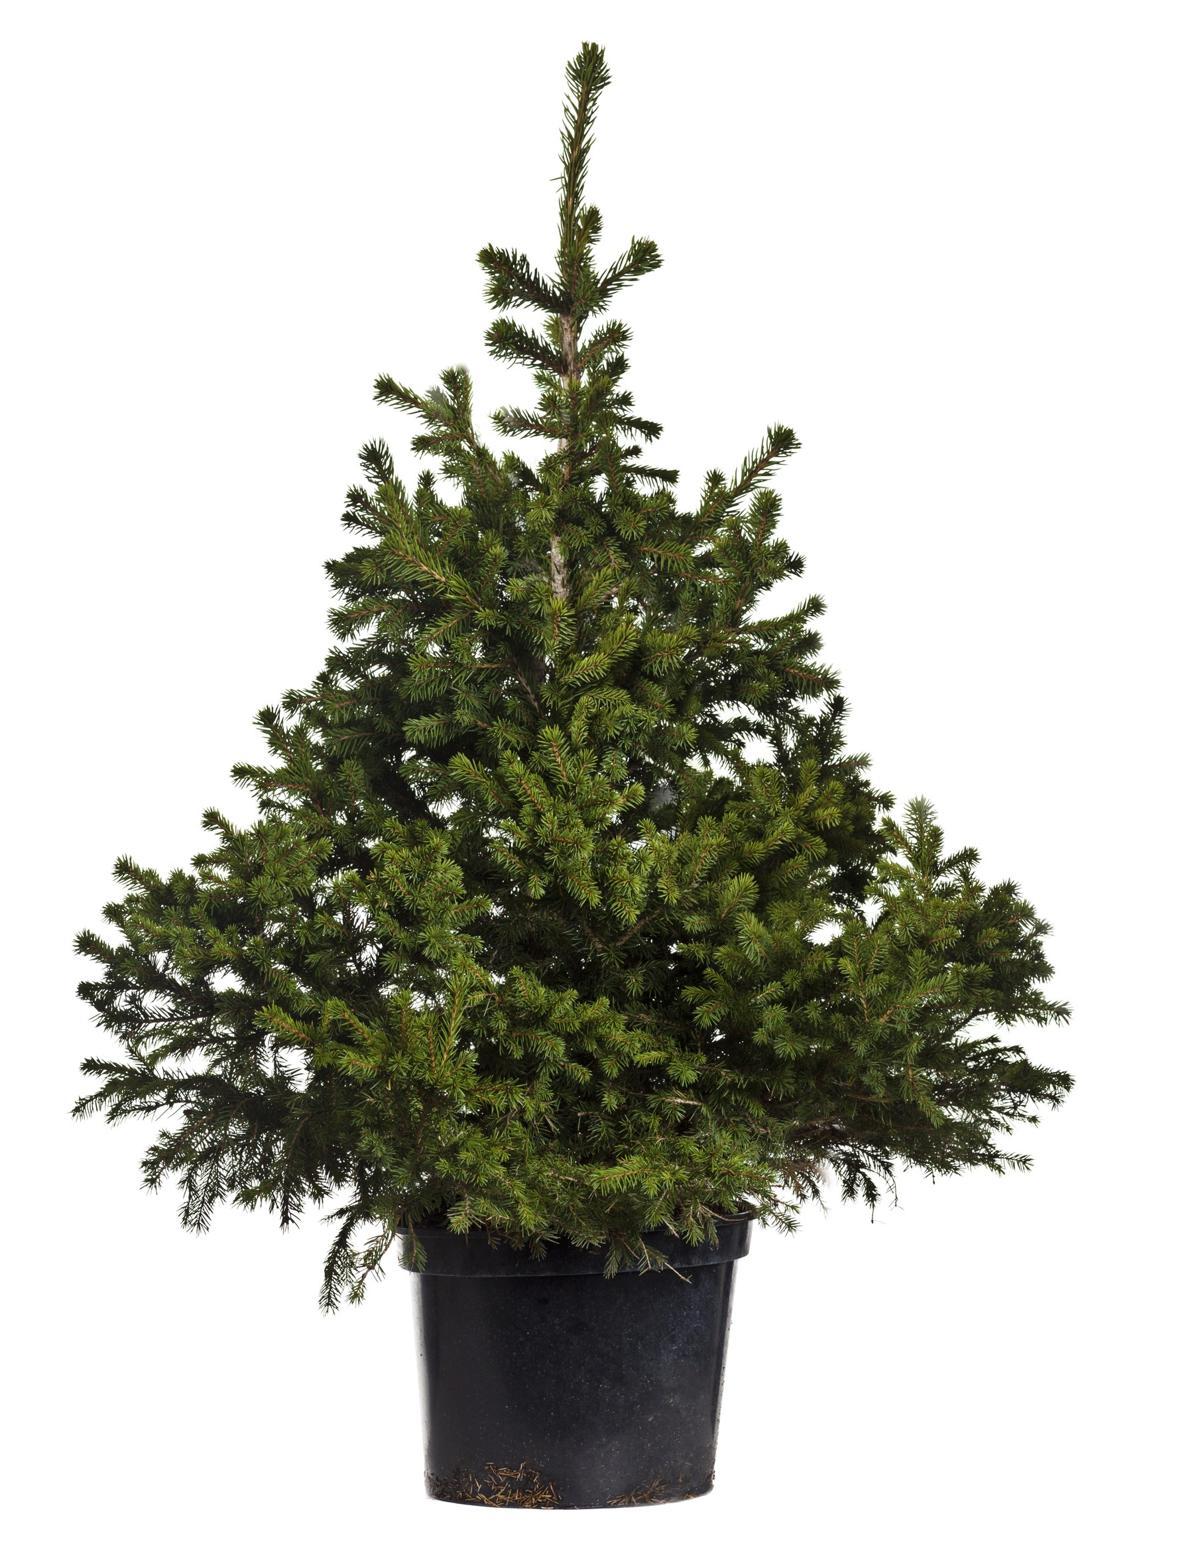 Fir Trees - Types